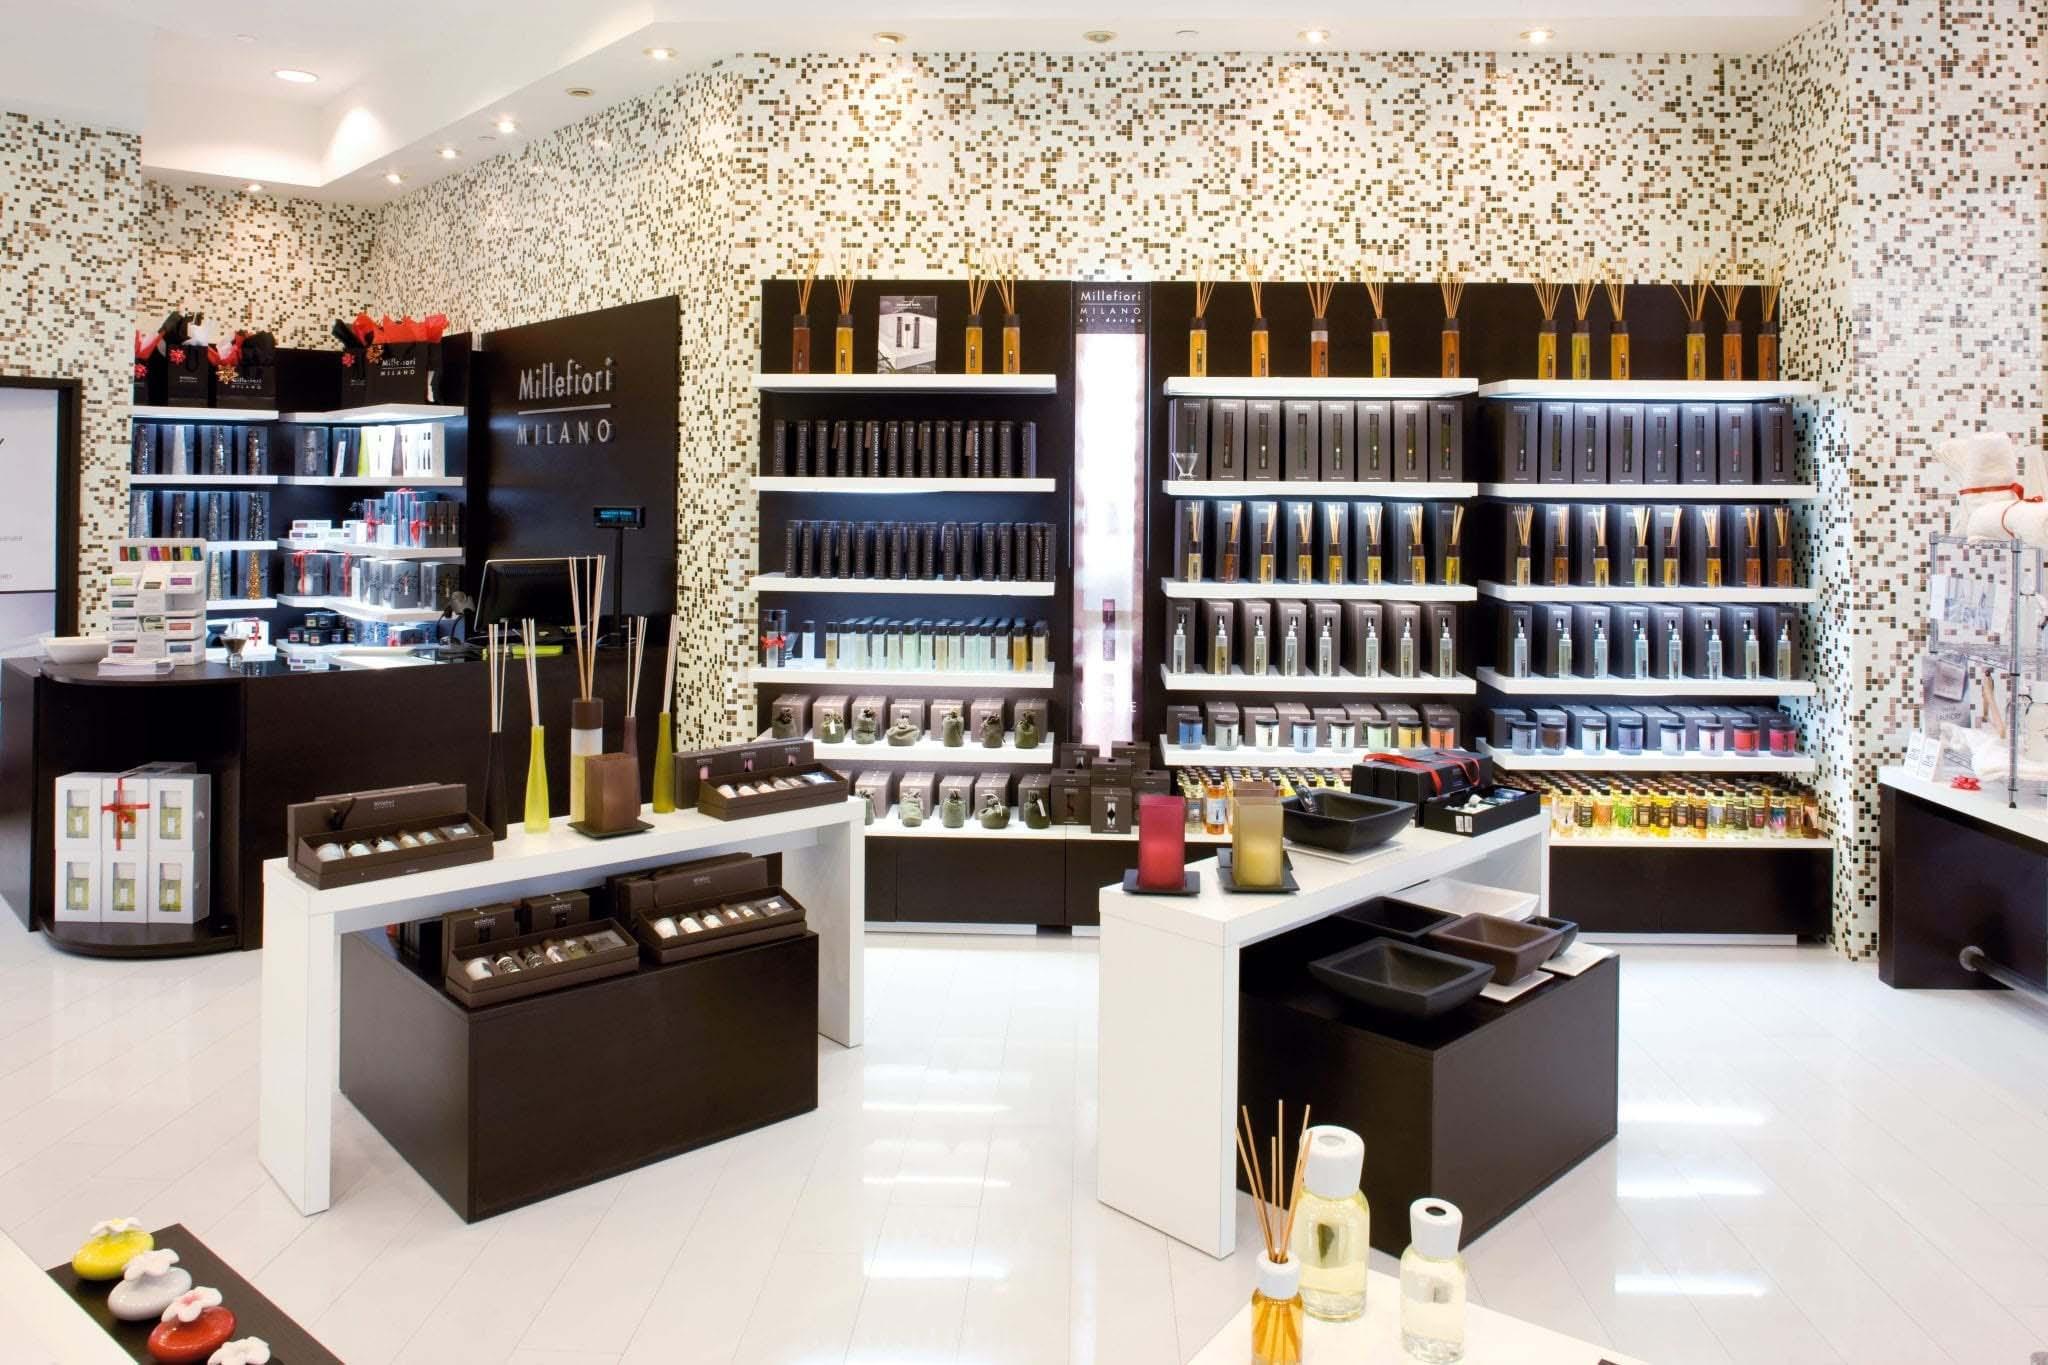 Millefiori Store - Boca Raton - FL